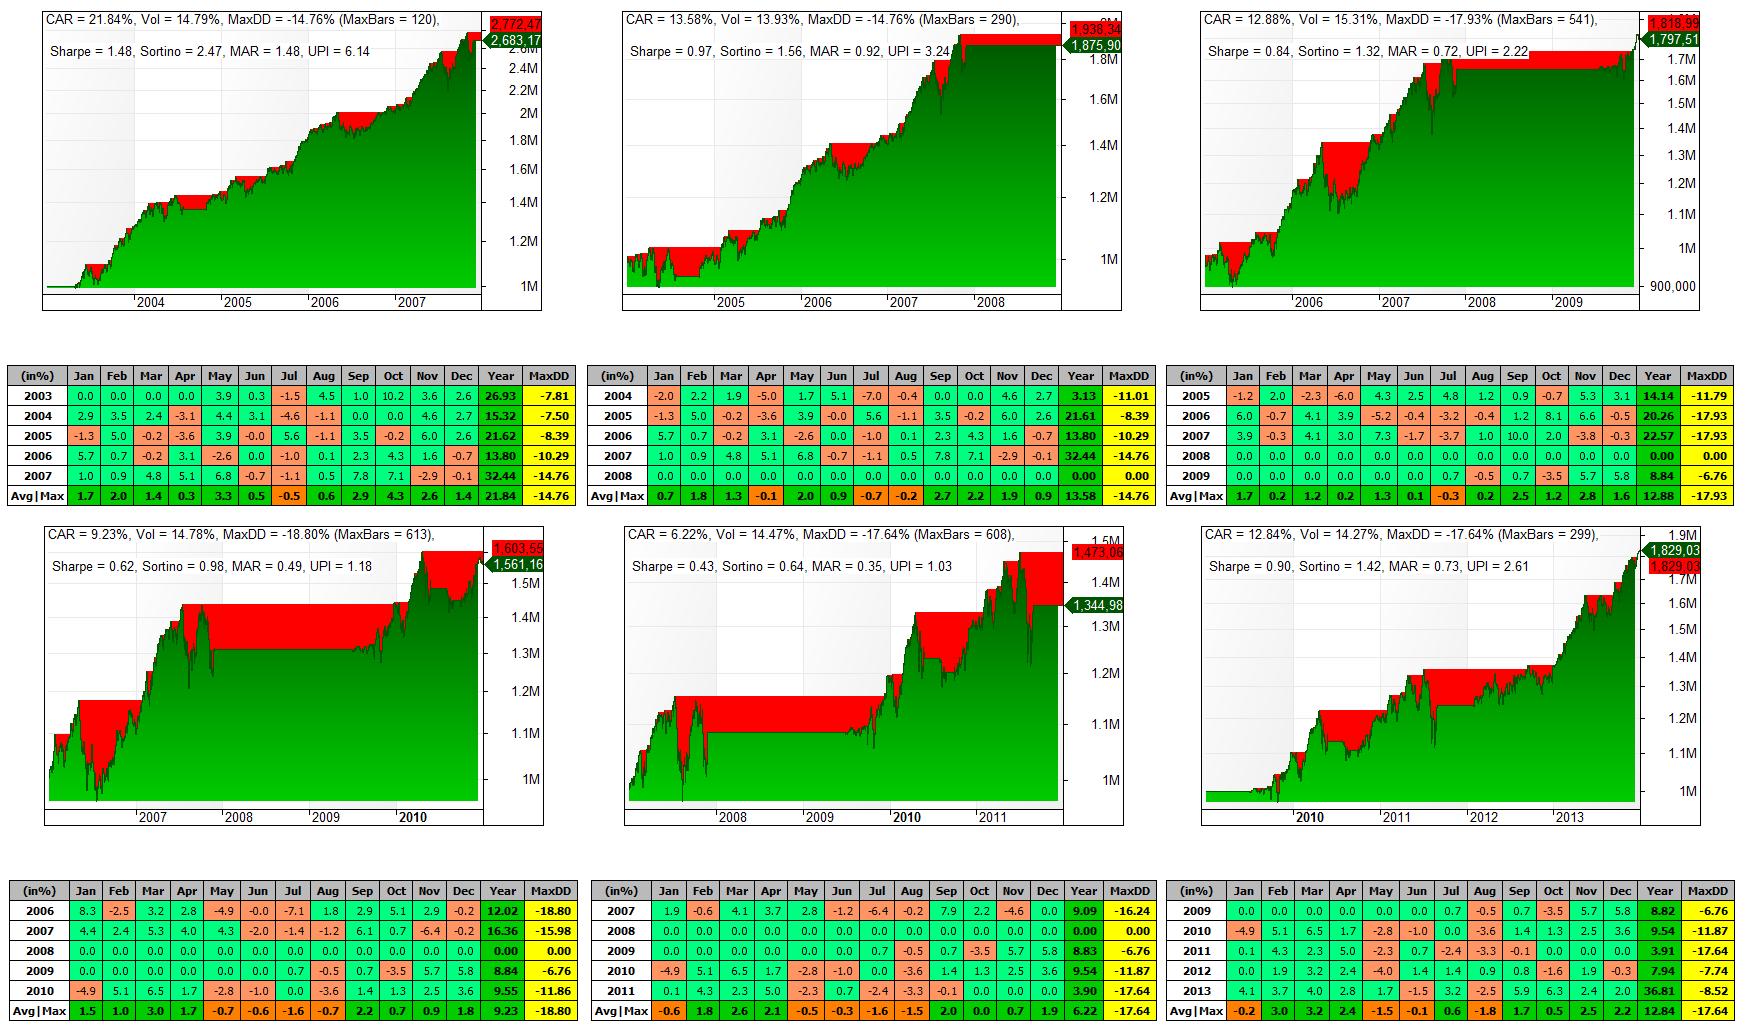 Sistema Tendencial - Periodo 2003 al 2009